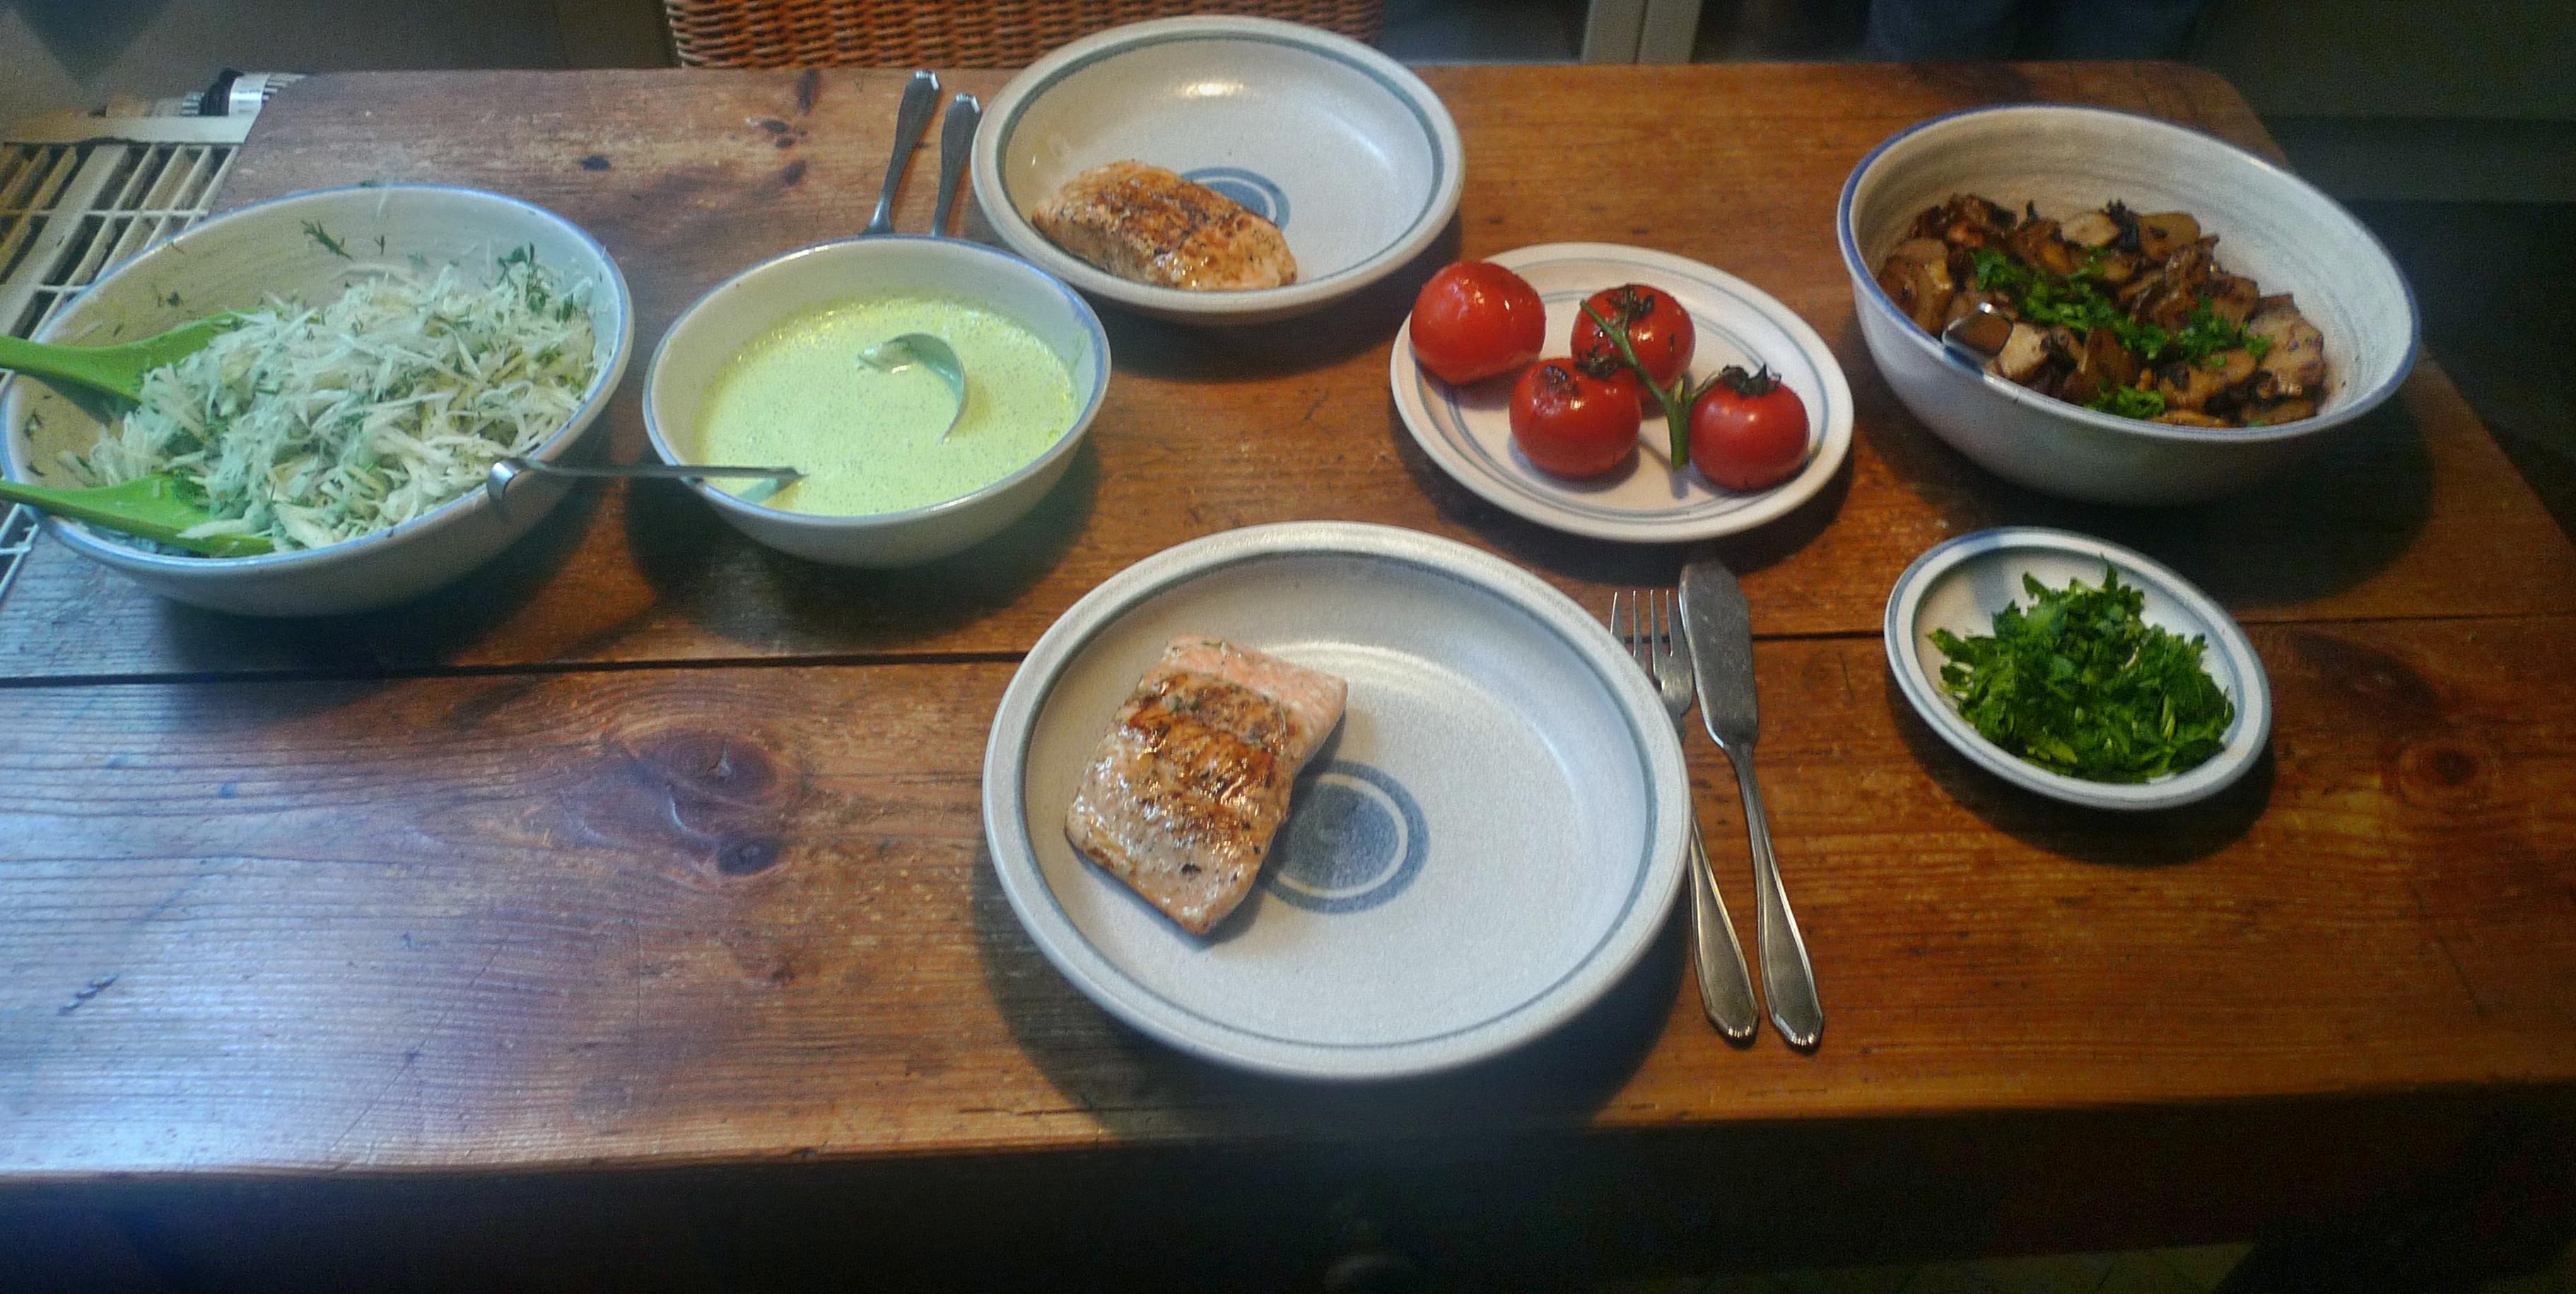 Topinambur-Kohlrabisalat-Gebratene Tomaten-Lachs - 23.10.14   (23)